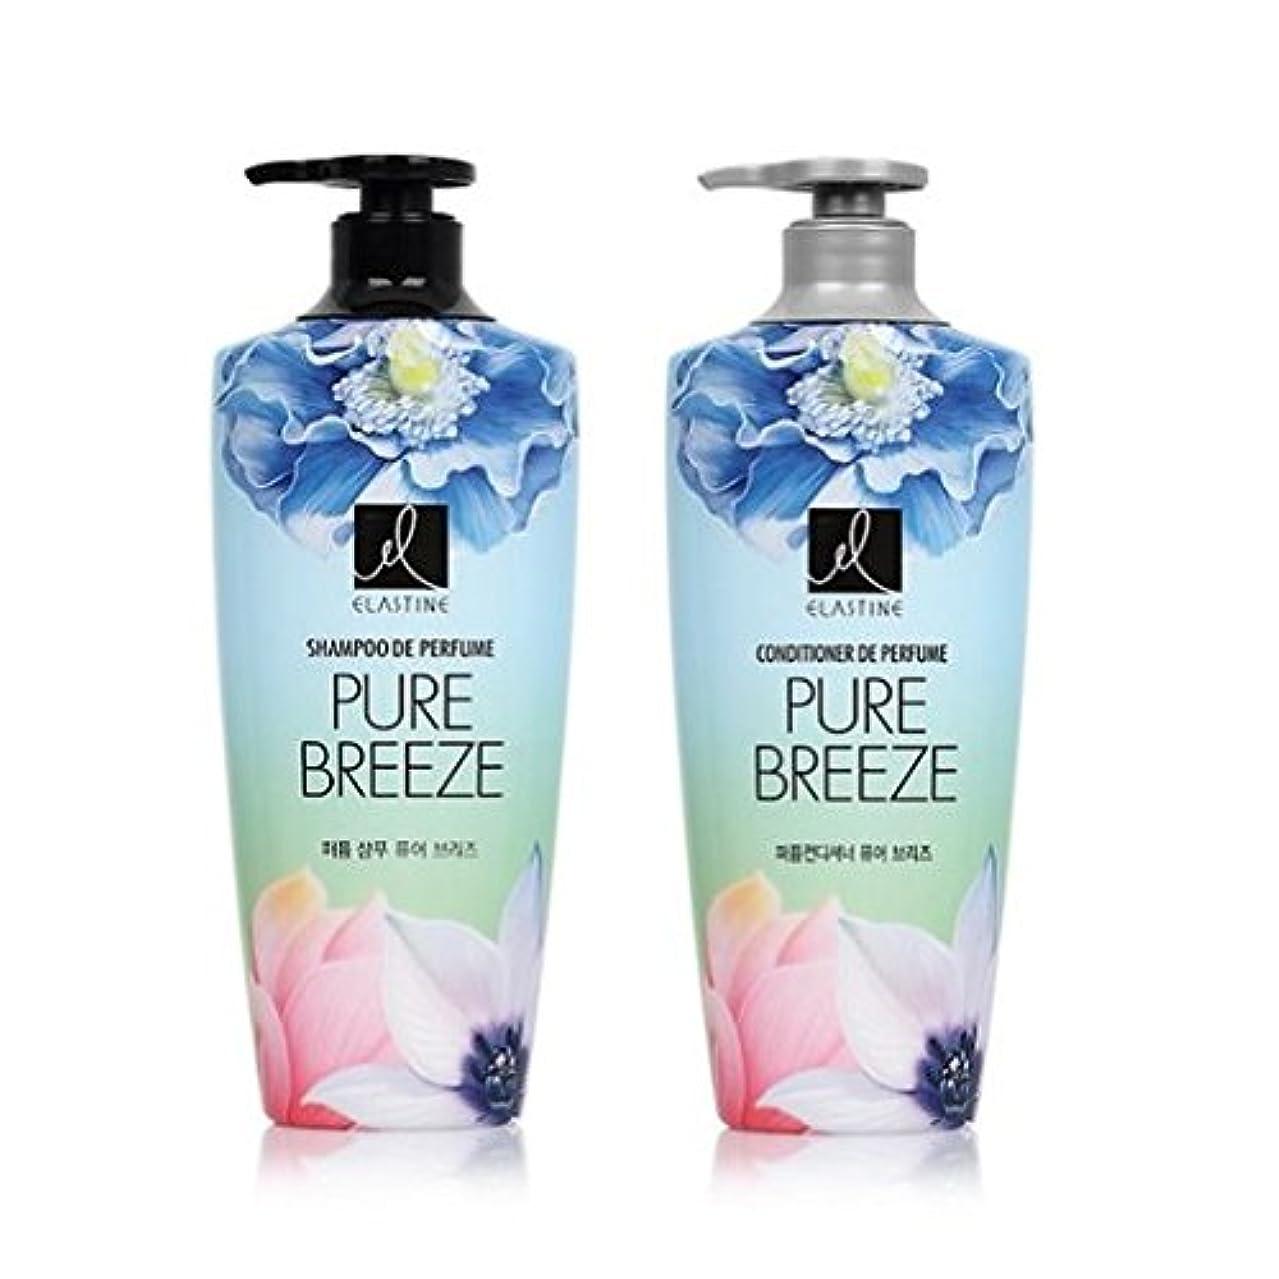 実用的ジレンマ運賃[エラスティン] Elastine Perfume PURE BREEZE シャンプー600ml x 2本, コンディショナー600ml x 1本 / パフュームピュアブリーズ [並行輸入品]